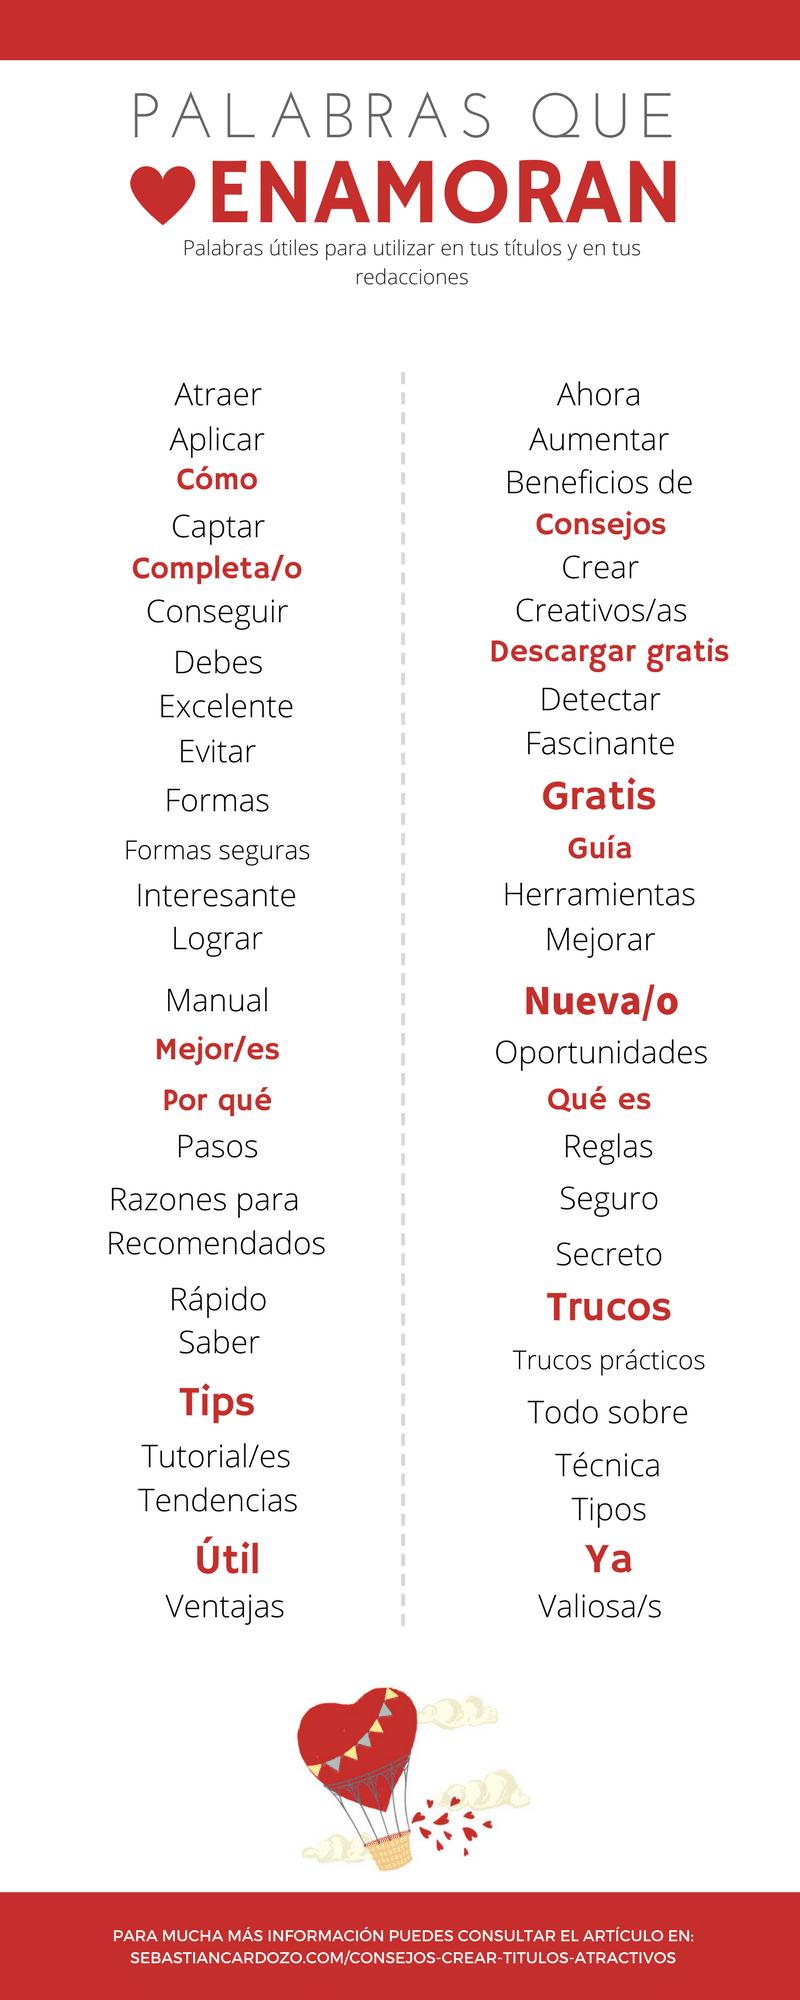 Infografia de palabras que enamoran